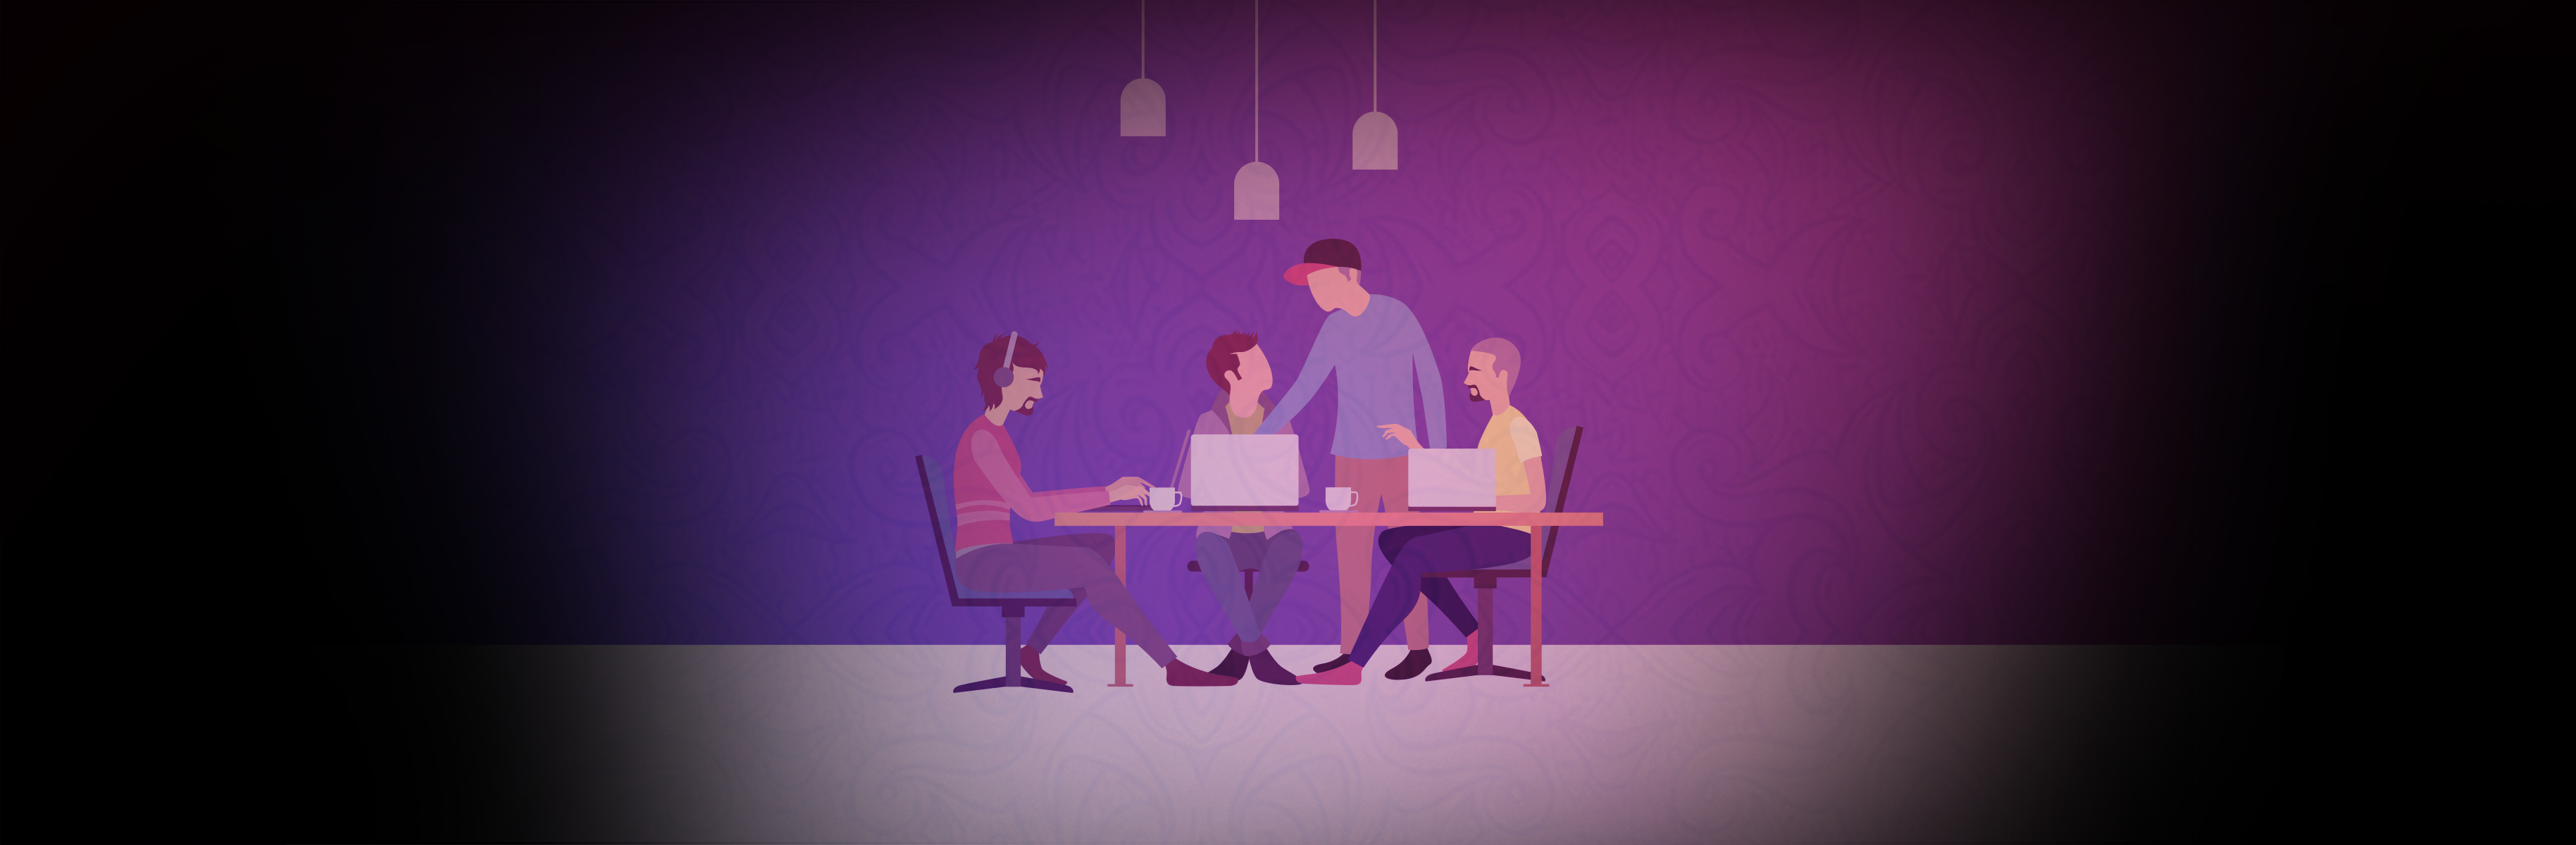 Como um sistema de help desk ajuda a otimizar a comunicação interna